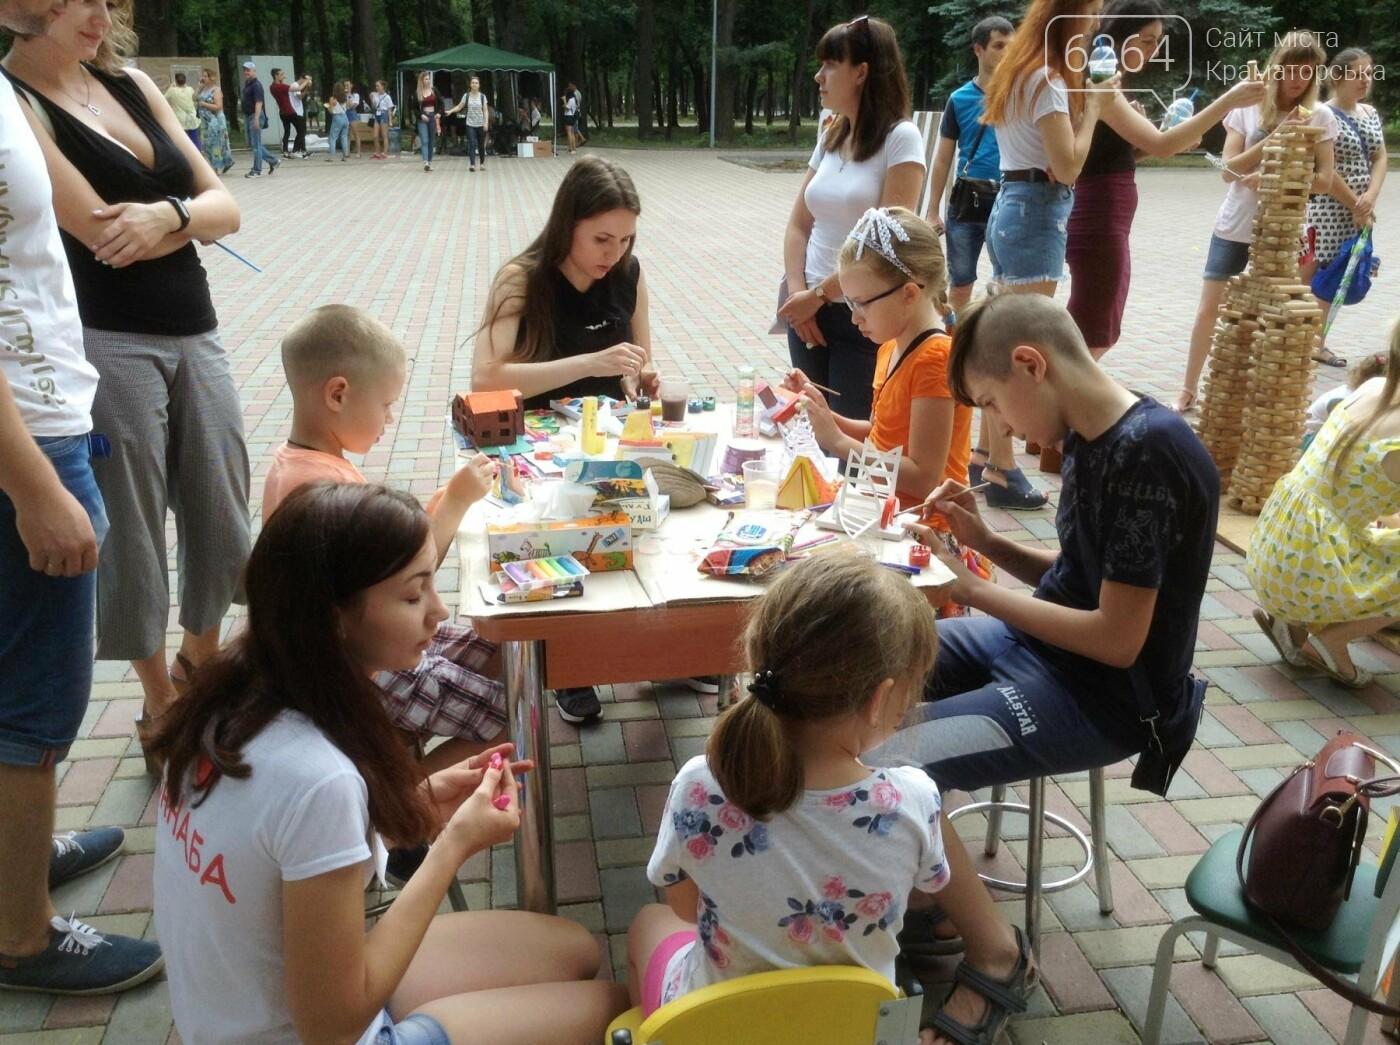 В Краматорске прошел яркий и увлекательный ArchFest, фото-3